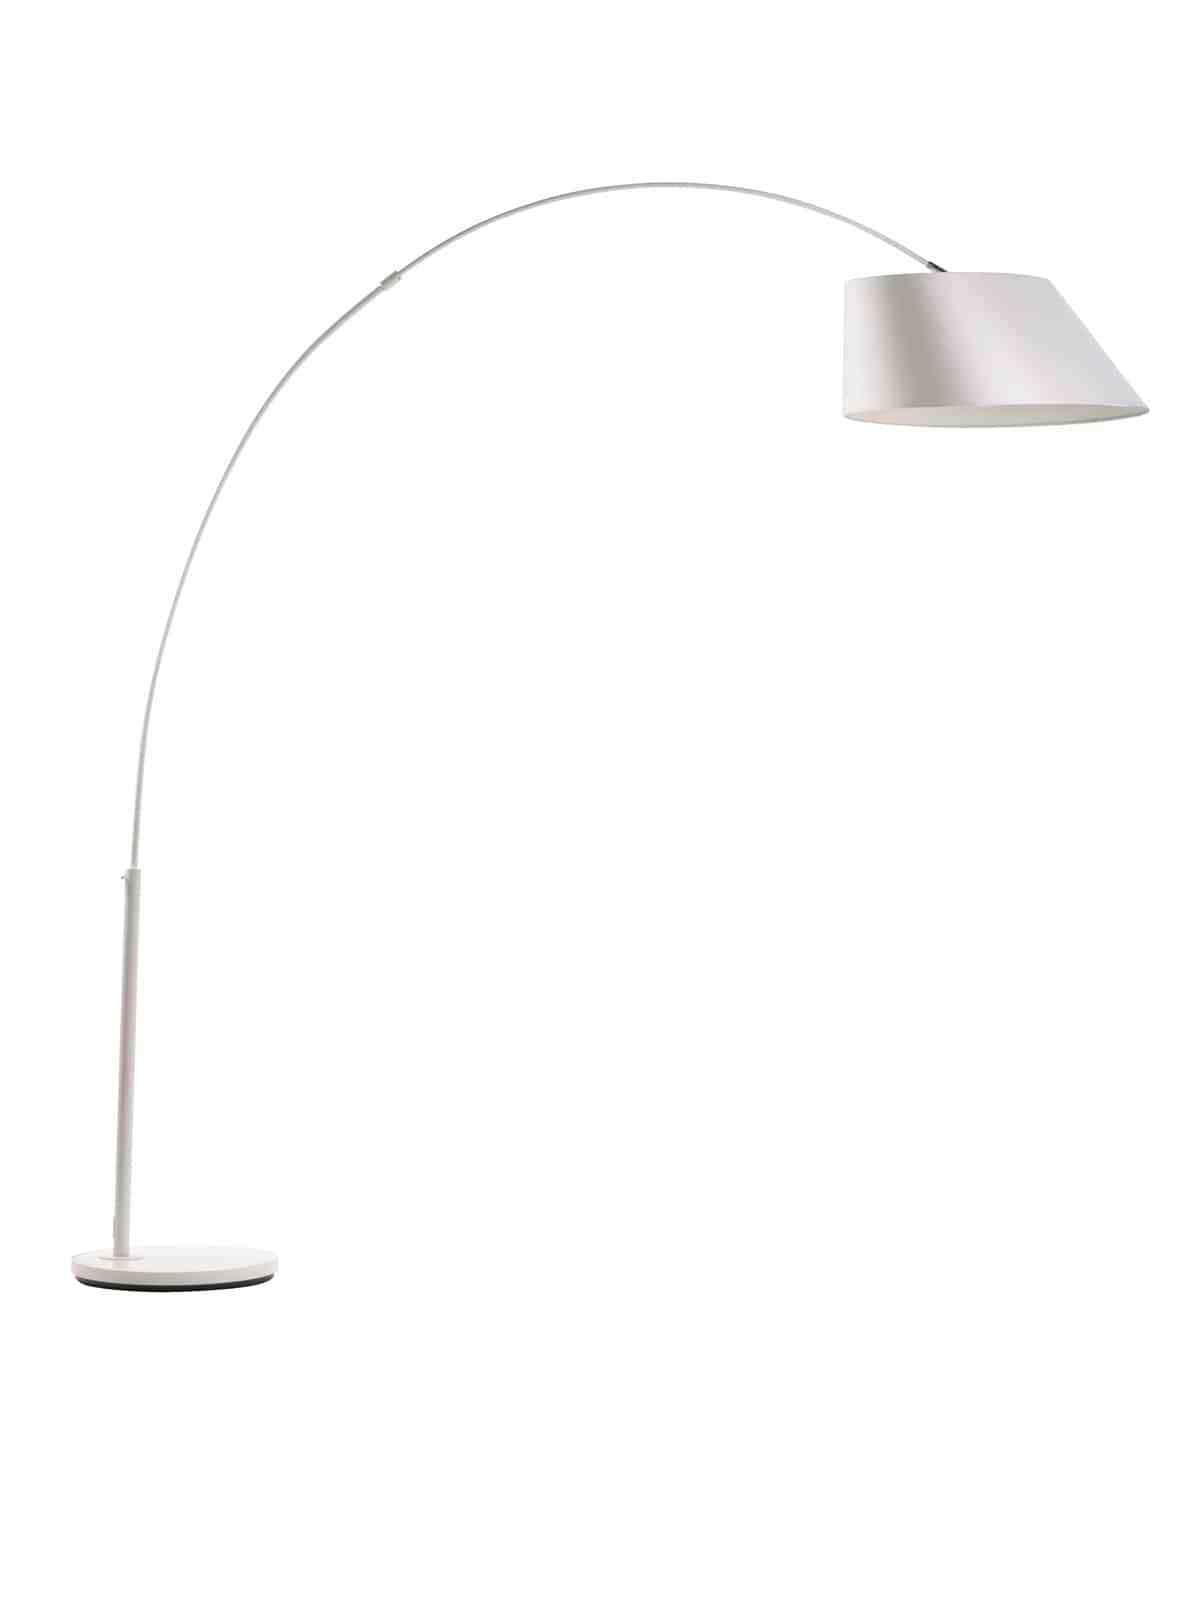 Arc ist eine stilvolle stehleuchte die als bogenlampe die arc ist eine stilvolle stehleuchte die als bogenlampe die raumgestaltung prgt moderne stehleuchten online parisarafo Images